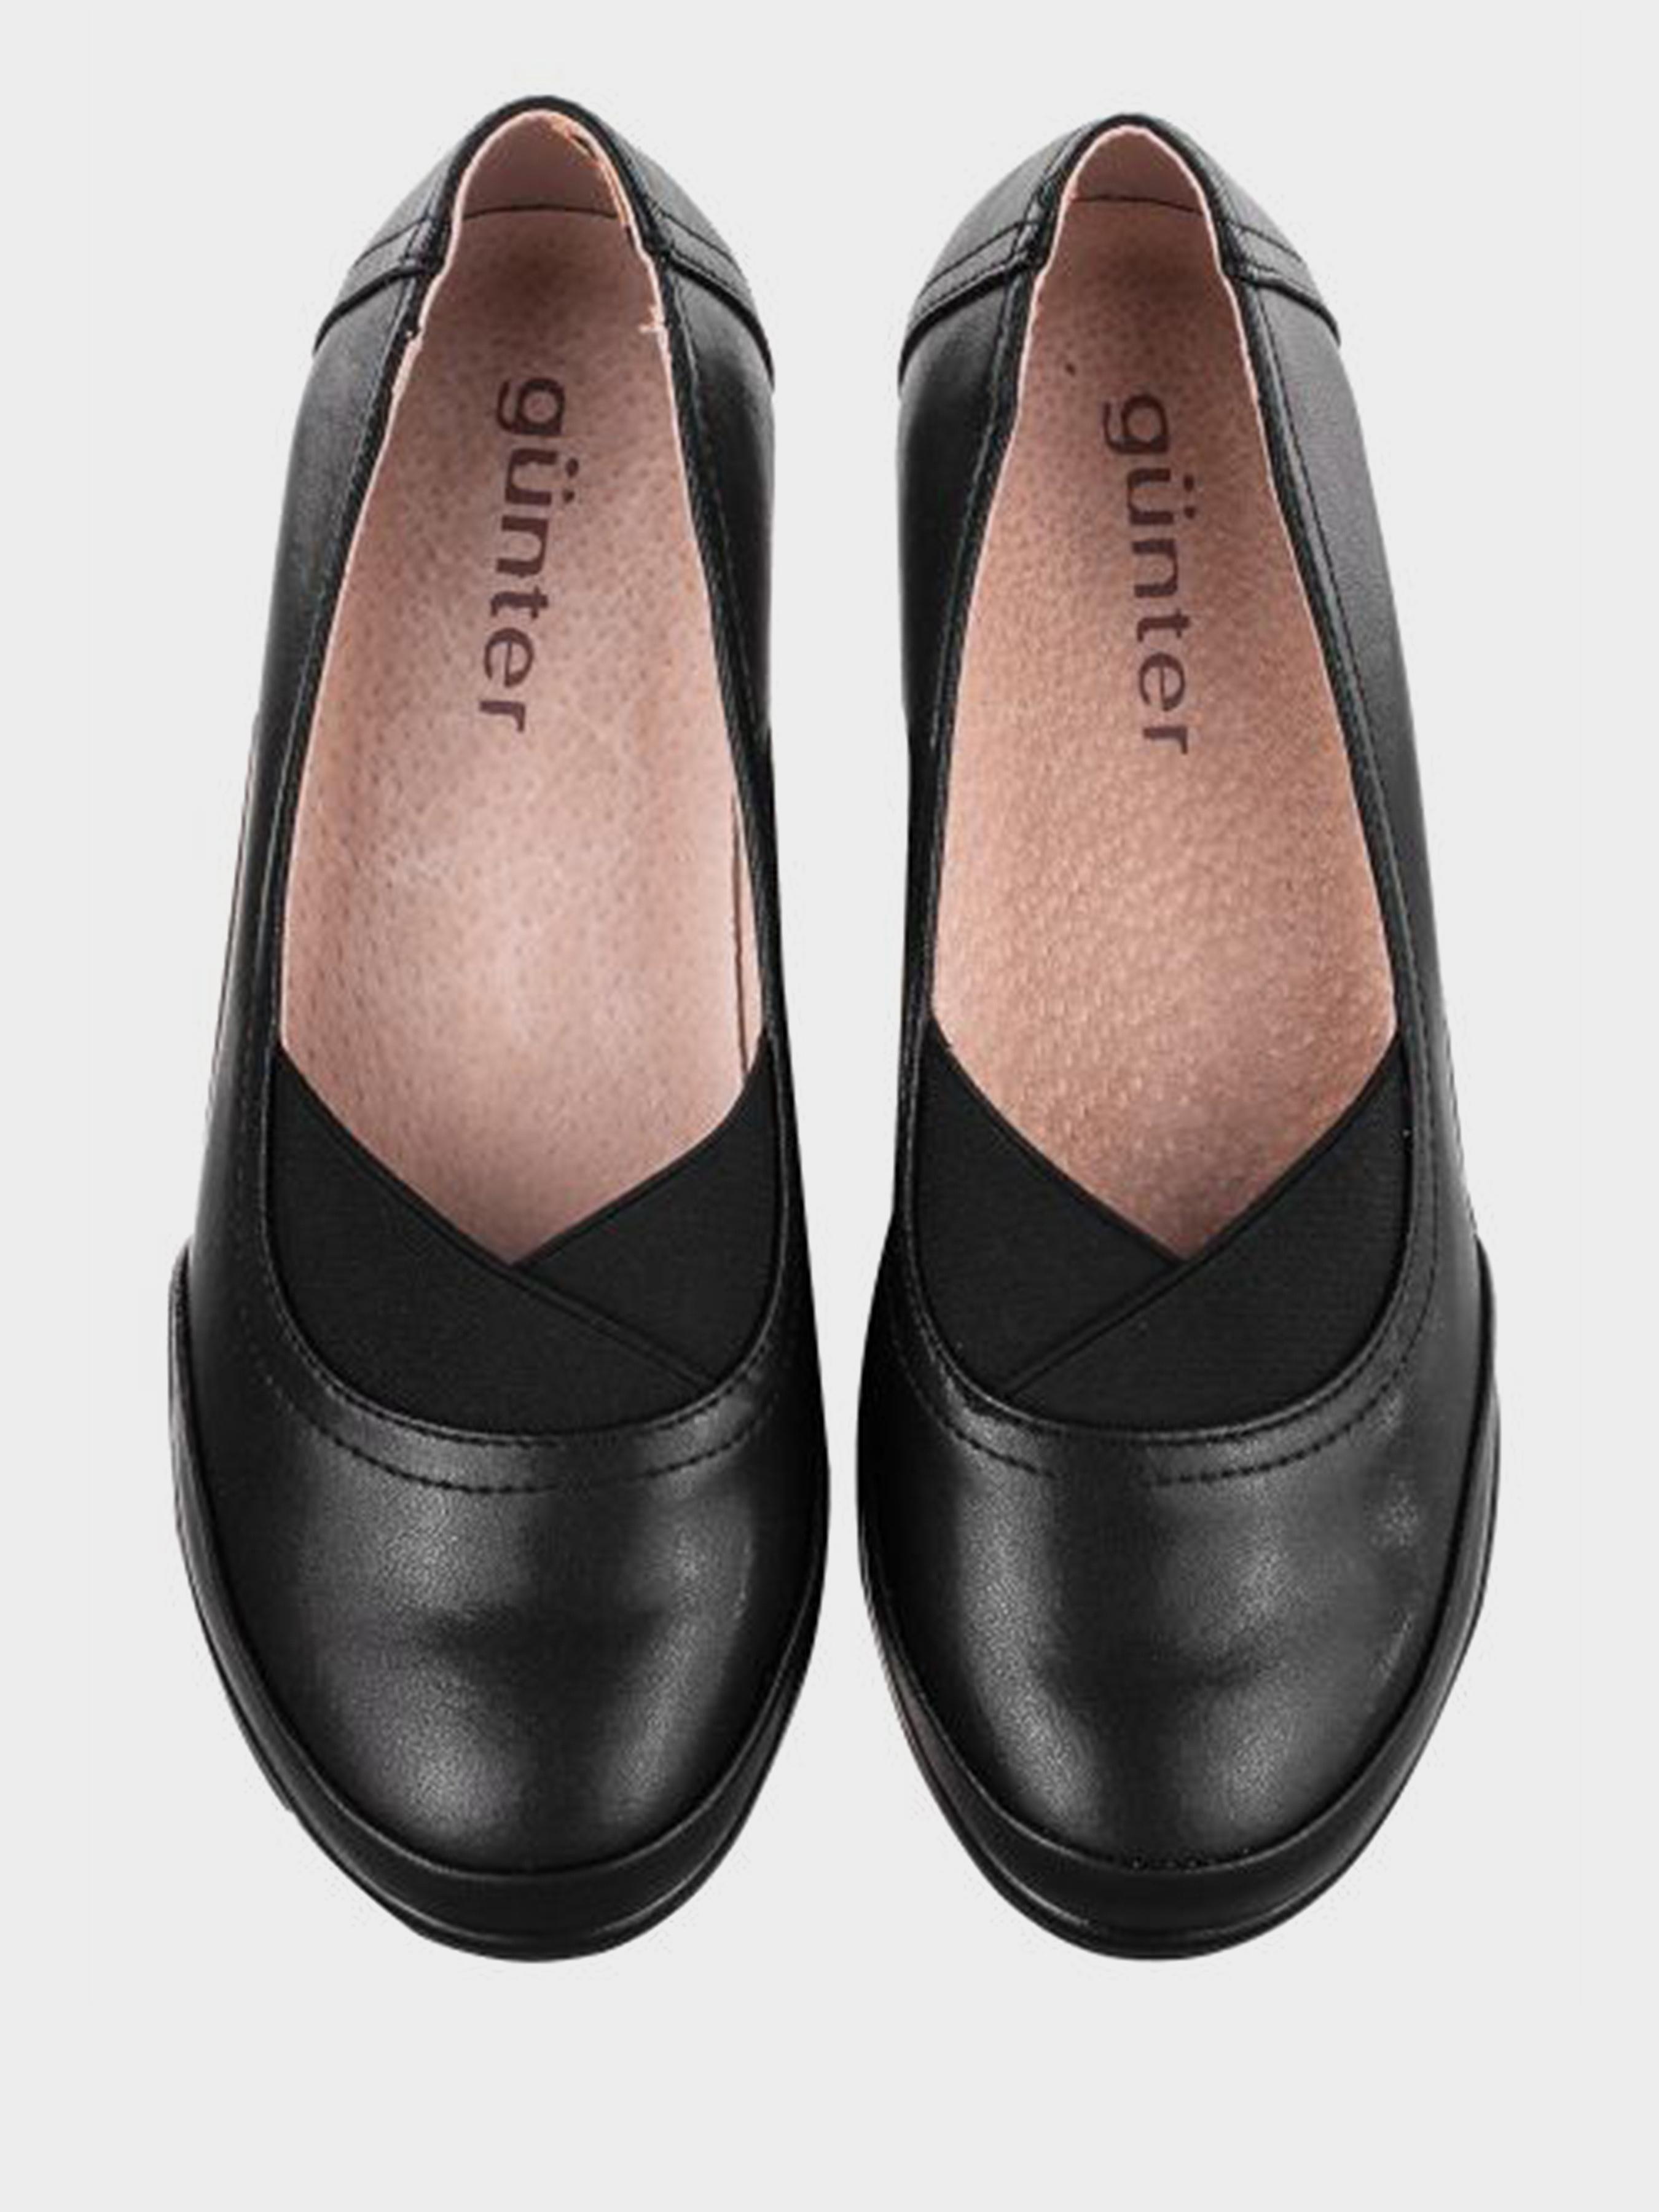 Туфли для женщин Gunter GR178 цена, 2017